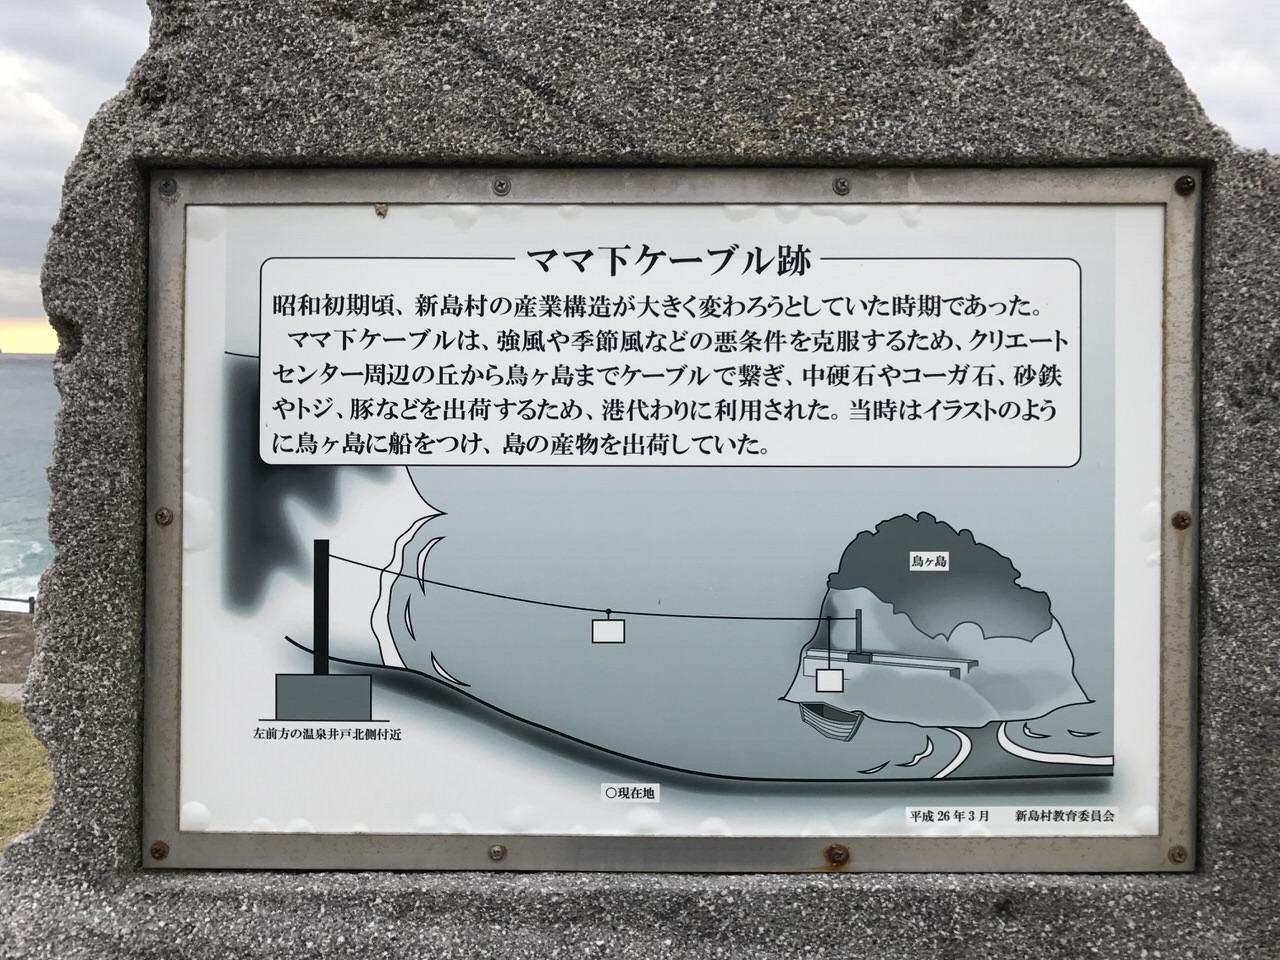 Niijima travel 2409